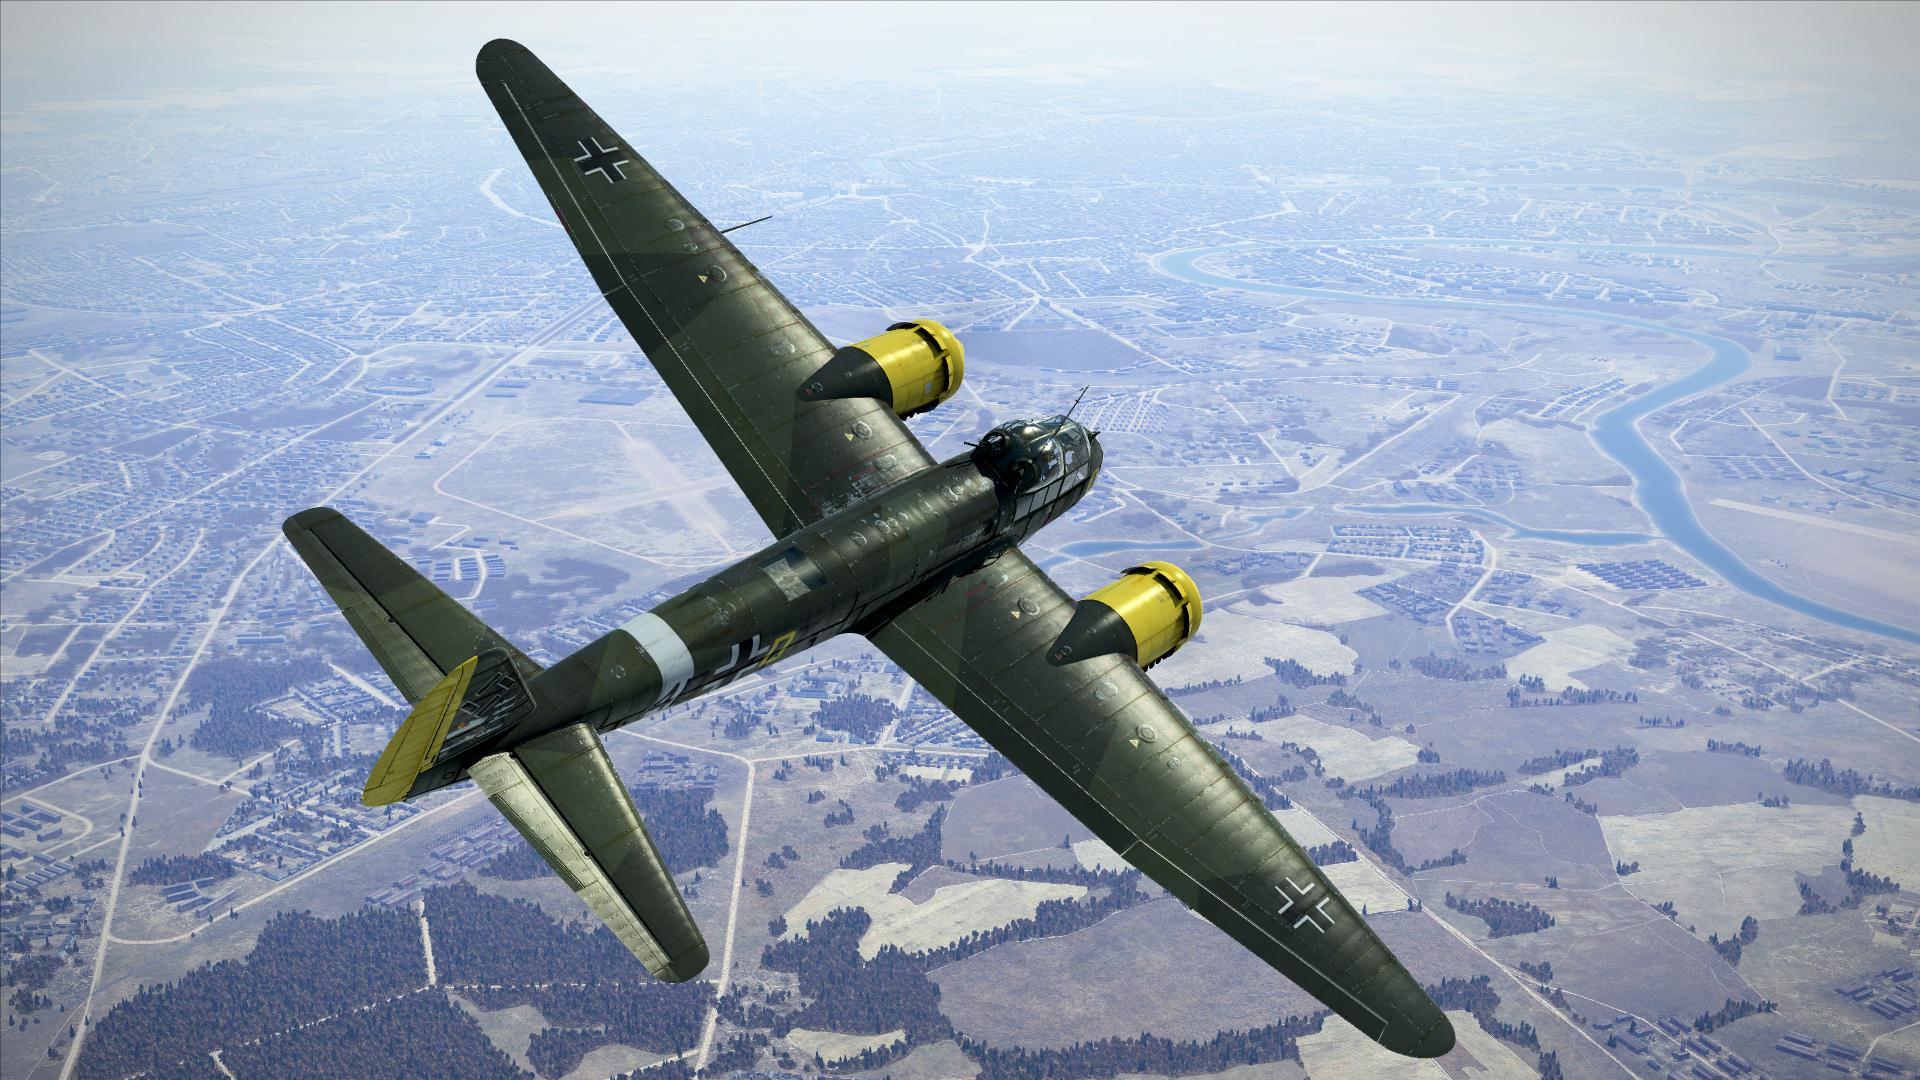 Eagle Dynamics, DCS World 2, IL-2 Sturmovik, Battle of